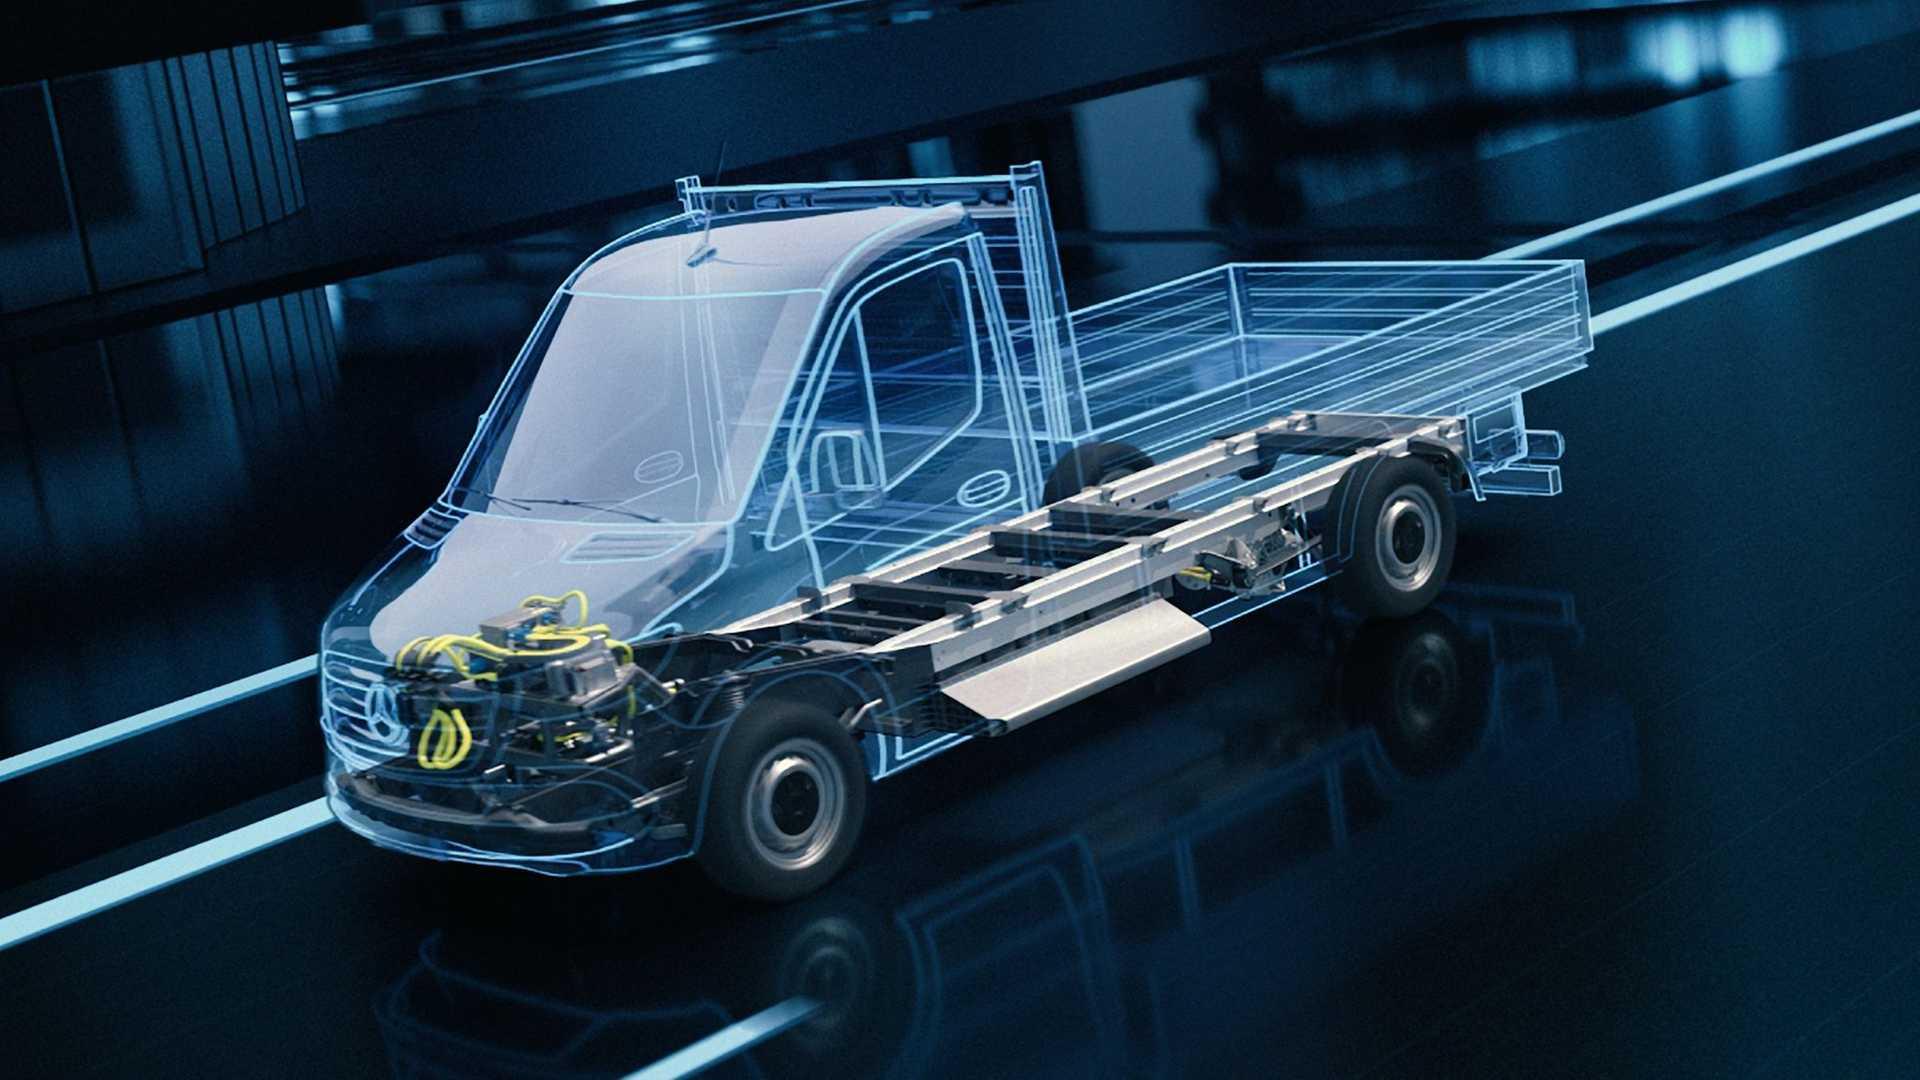 Марка Mercedes-Benz рассказала об электроплатформе для коммерческих машин